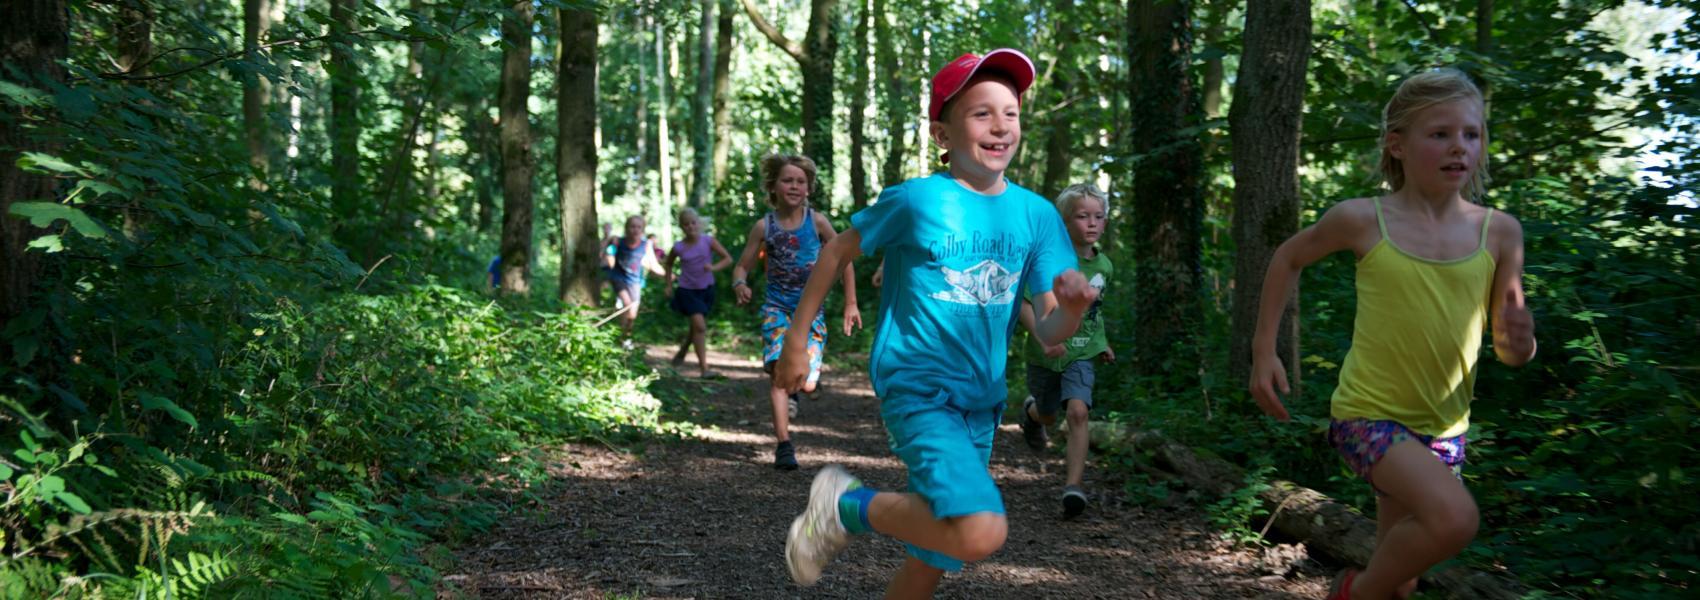 lopende kinderen in het bos